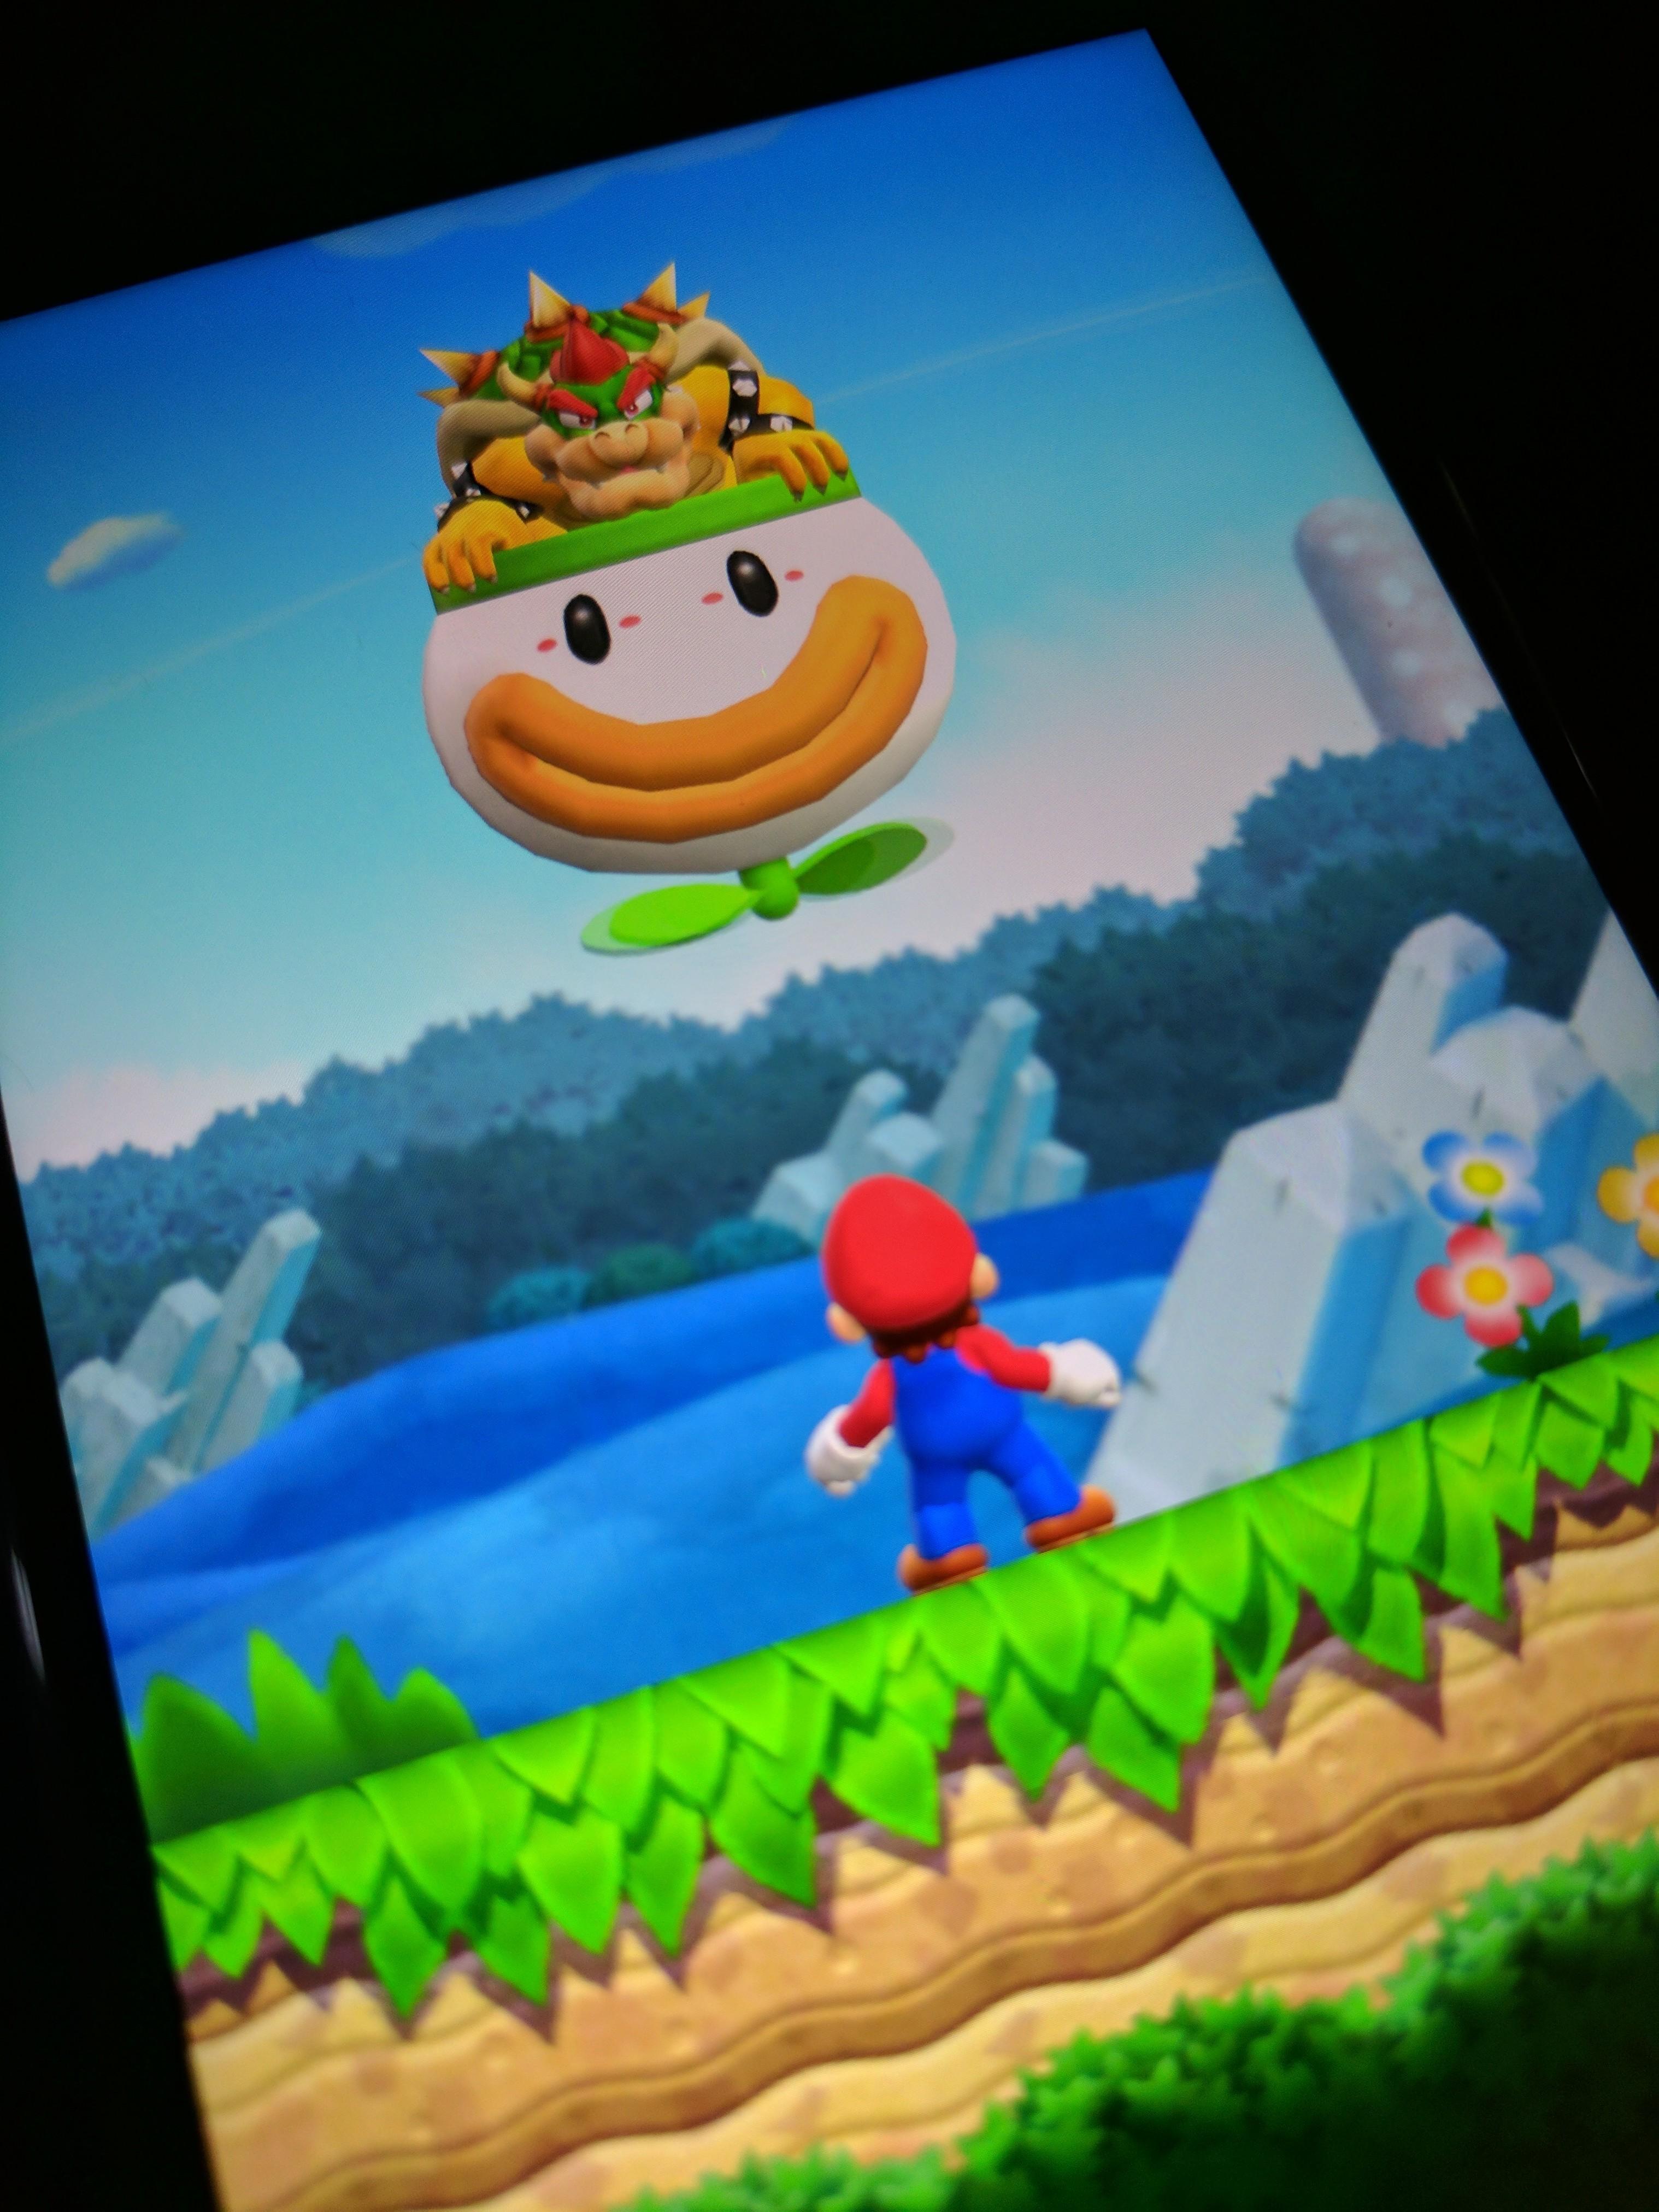 Super Mario Run er gratis å laste ned, men for å låse opp hele spillet må du ut med i overkant 100 kroner.